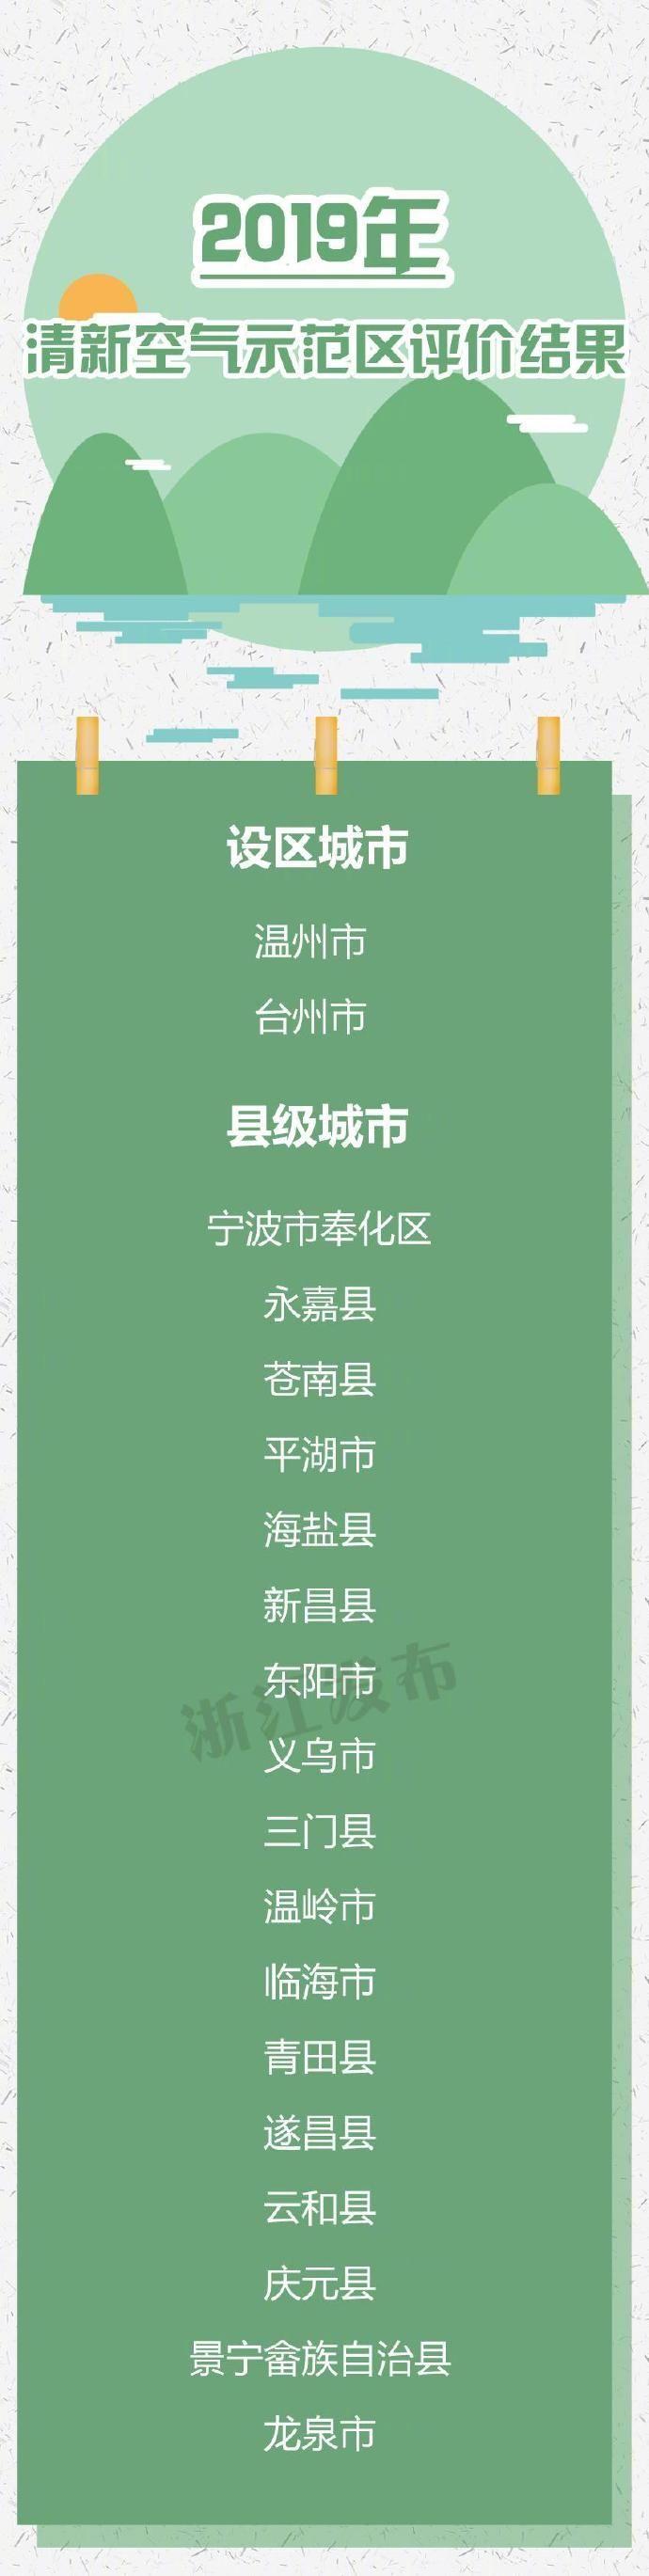 浙江2019年清新空气示范区评价结果出炉